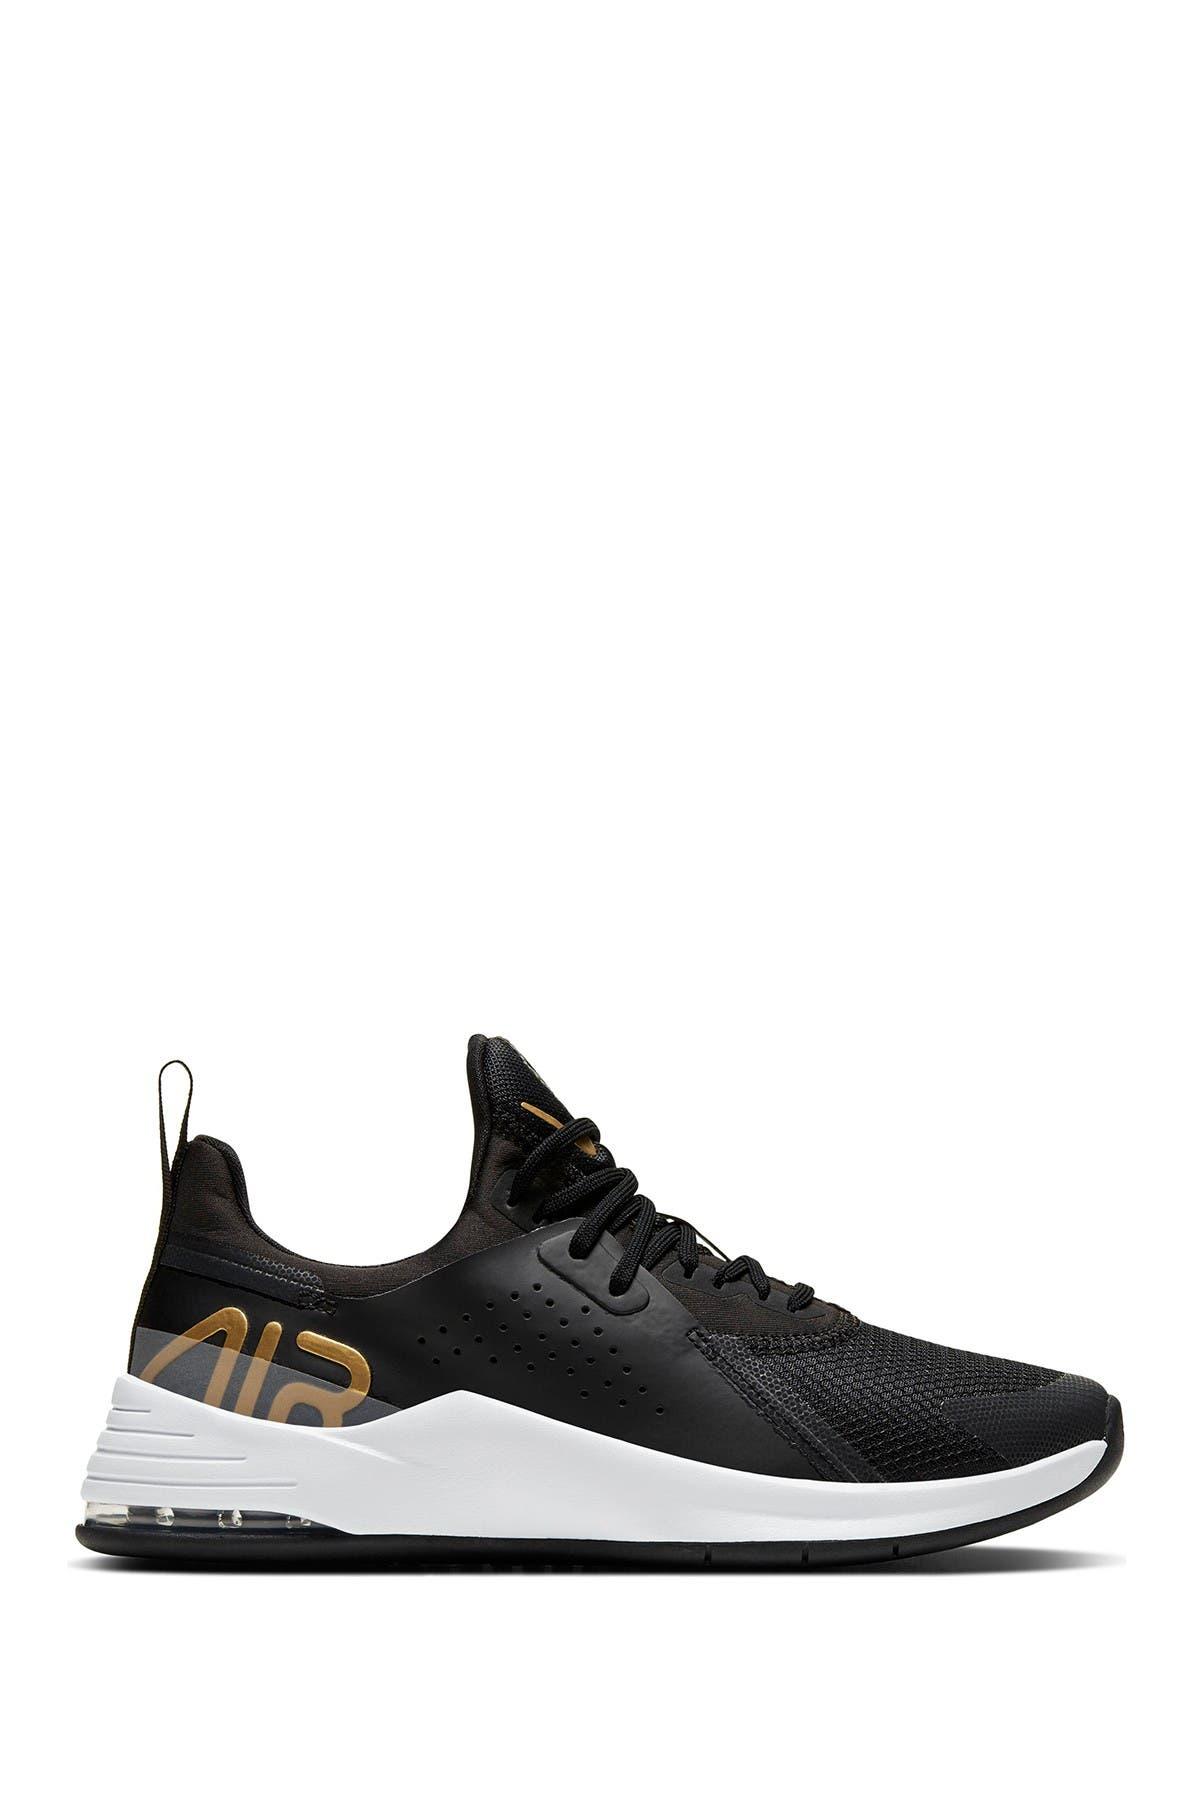 Nike | Air Max Bella TR 3 Sneaker